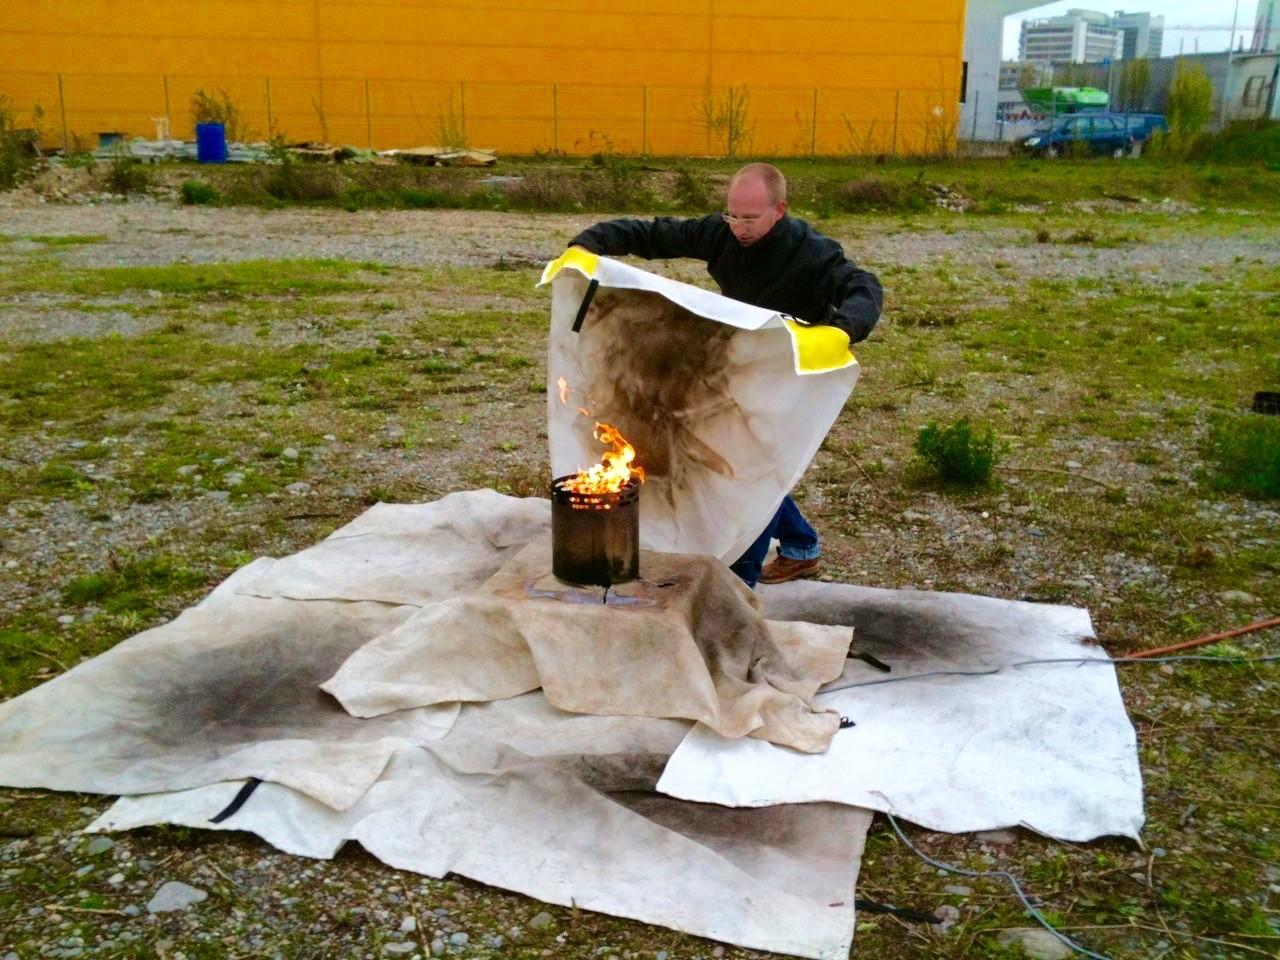 Brandschutzbekämpfung mit Löschdecke